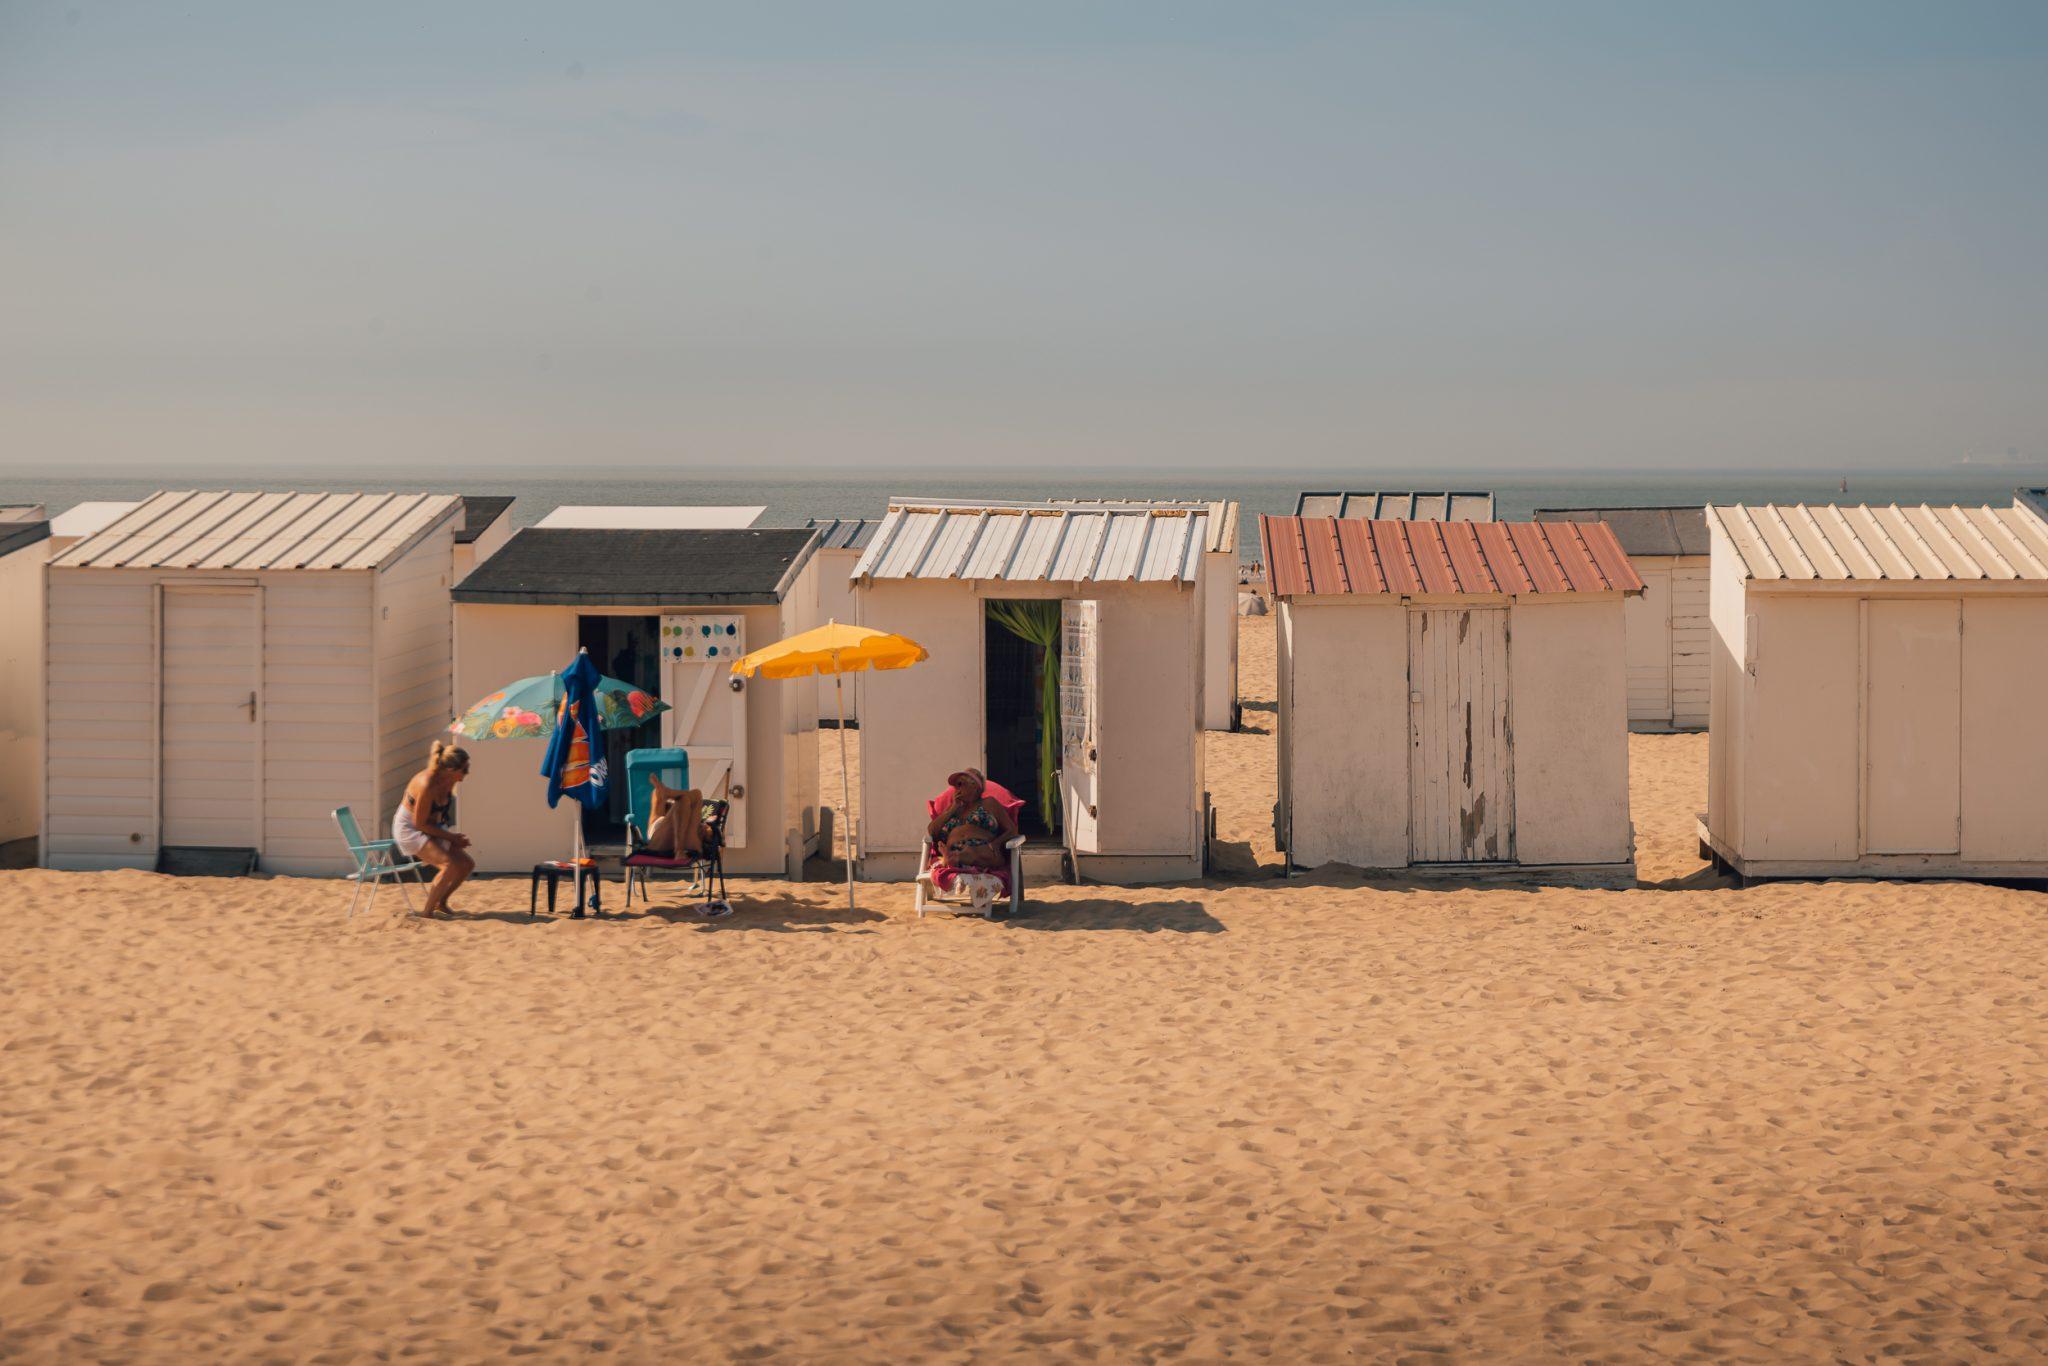 Calais-Que faire à Calais-Sites et cités remarquables-côte d'opale